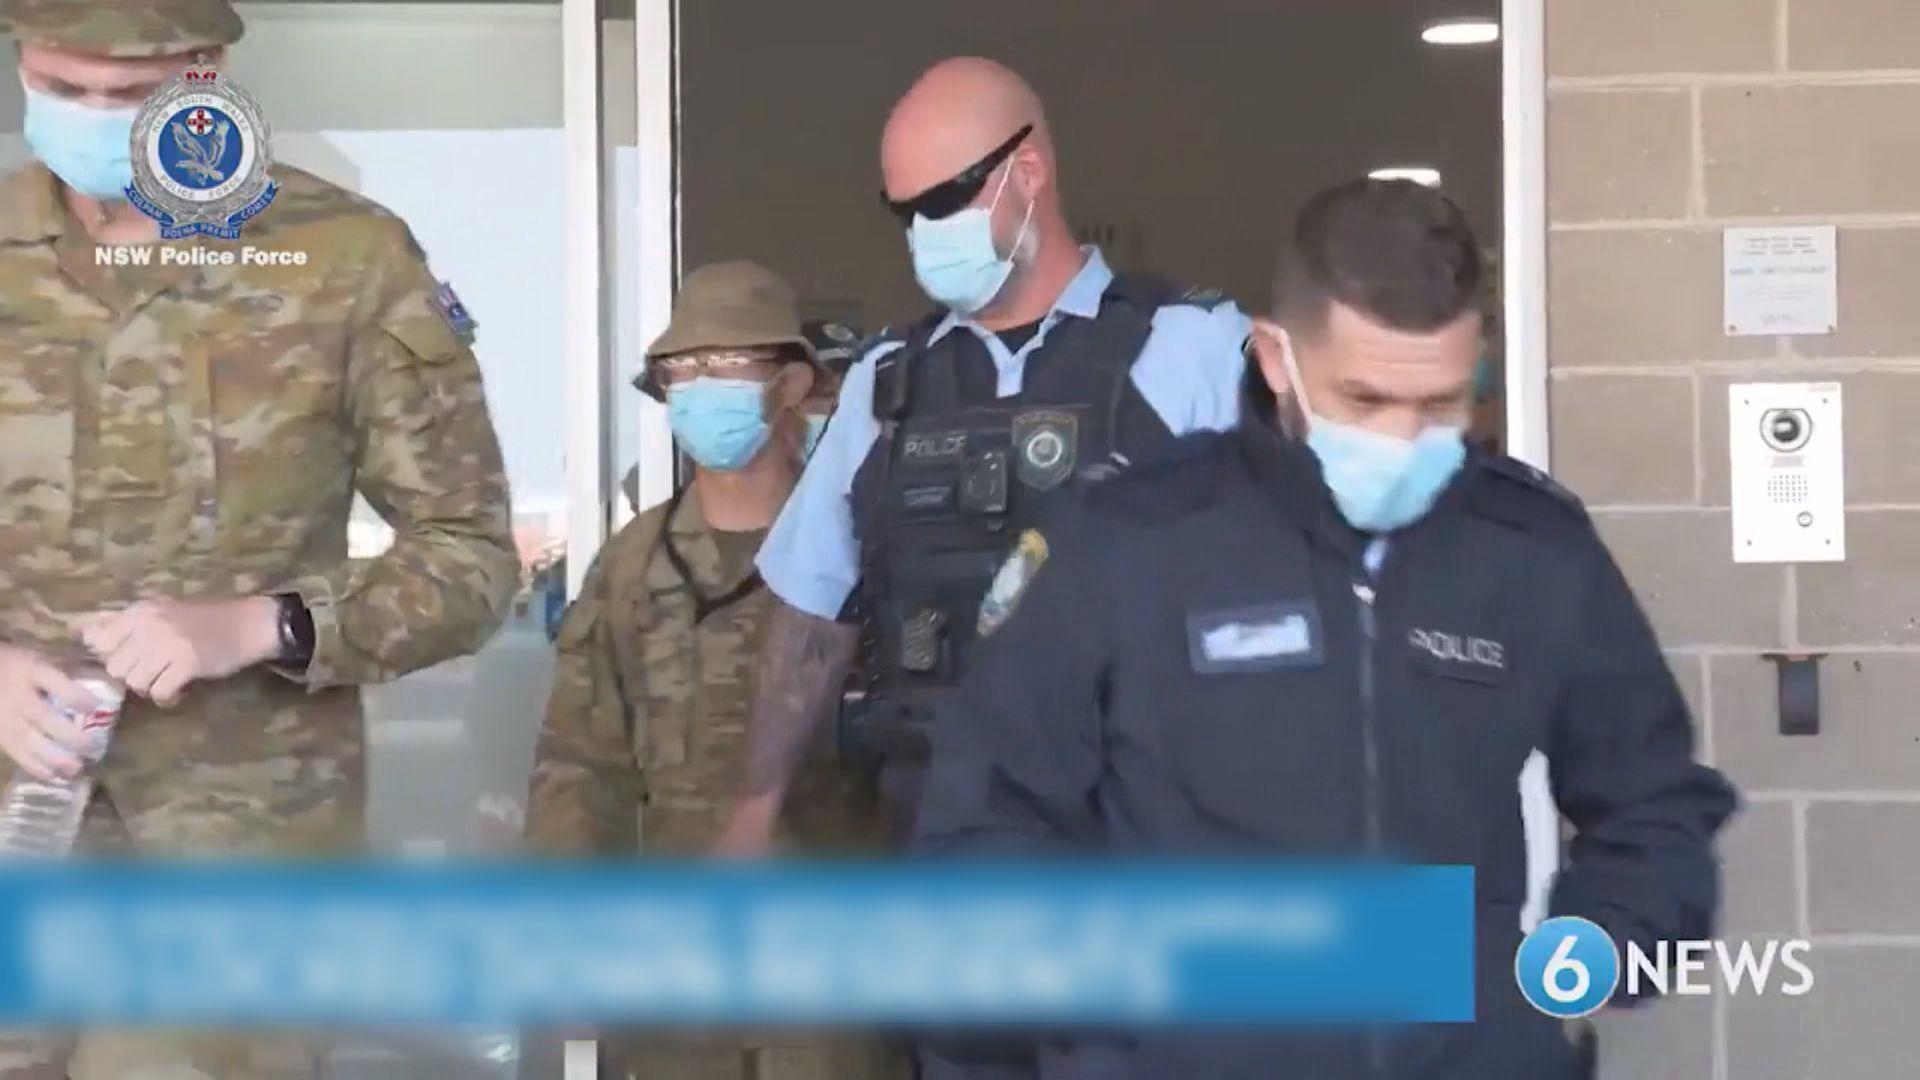 澳洲布里斯班延長封城至周日 軍人到悉尼協助巡邏